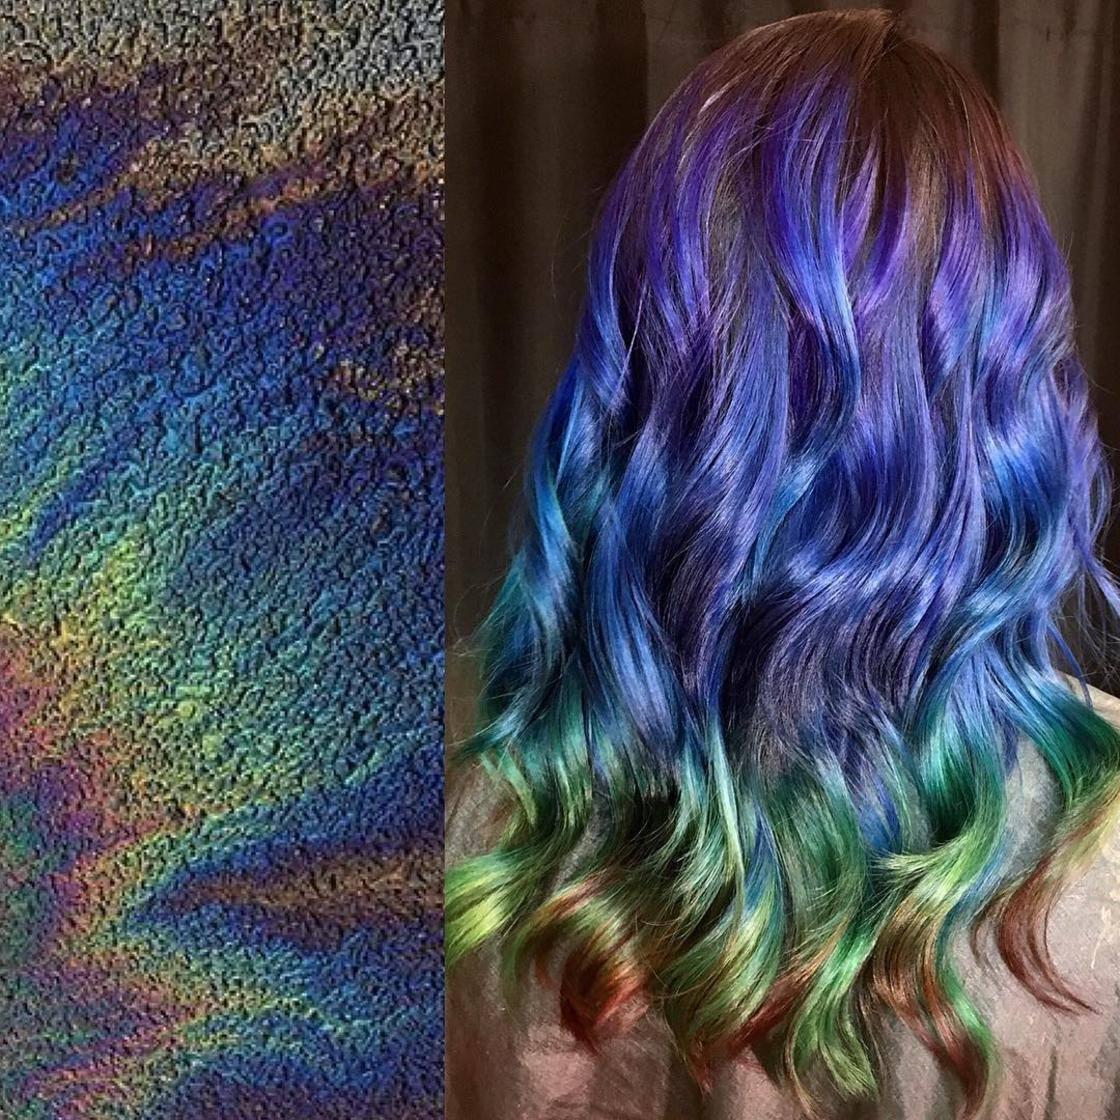 Artista se inspira em imagens fantásticas para mudar a cor do cabelo 17